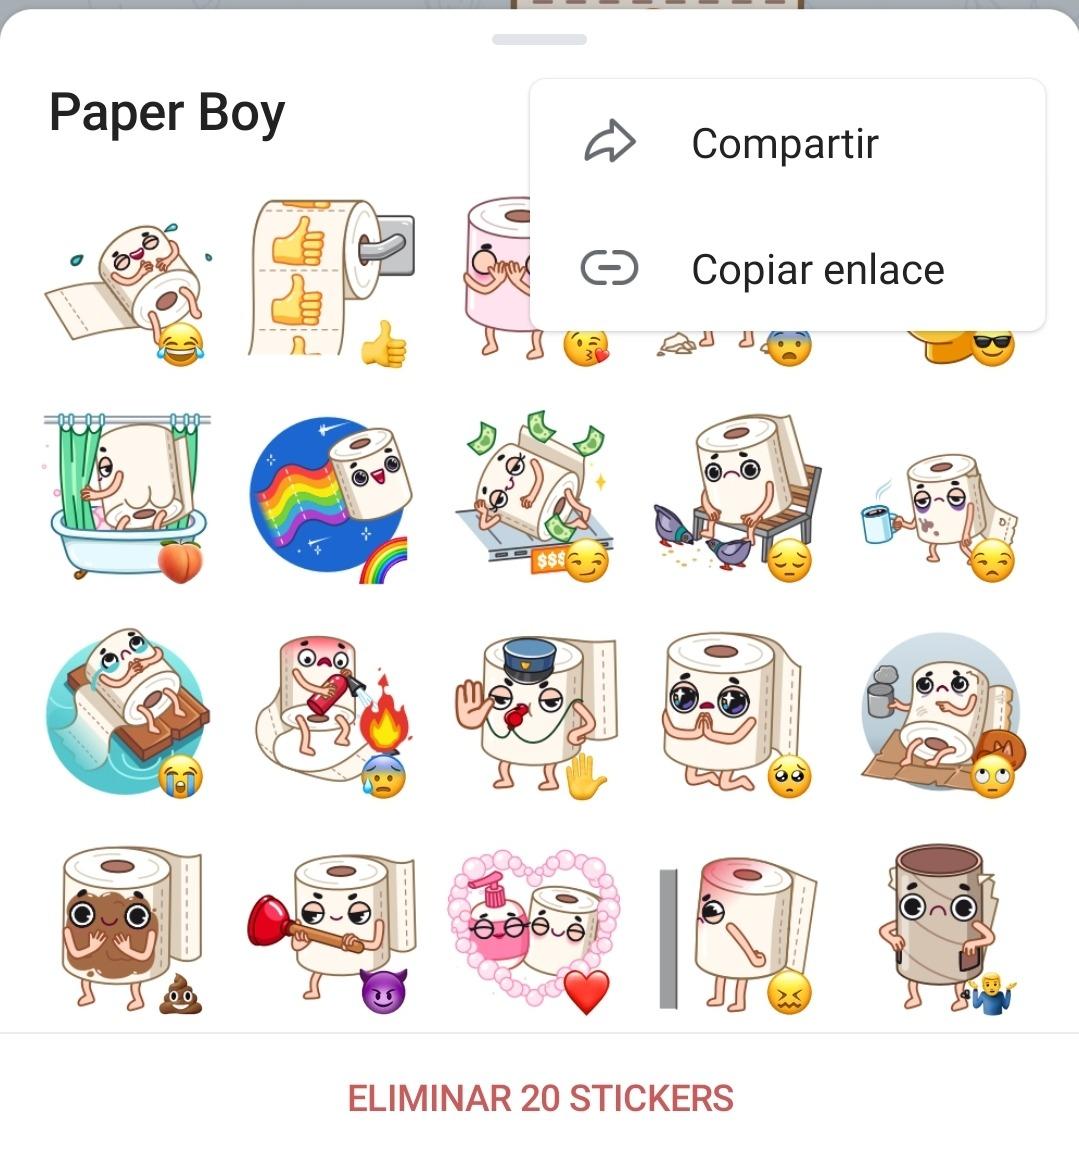 stickers animados ToDus